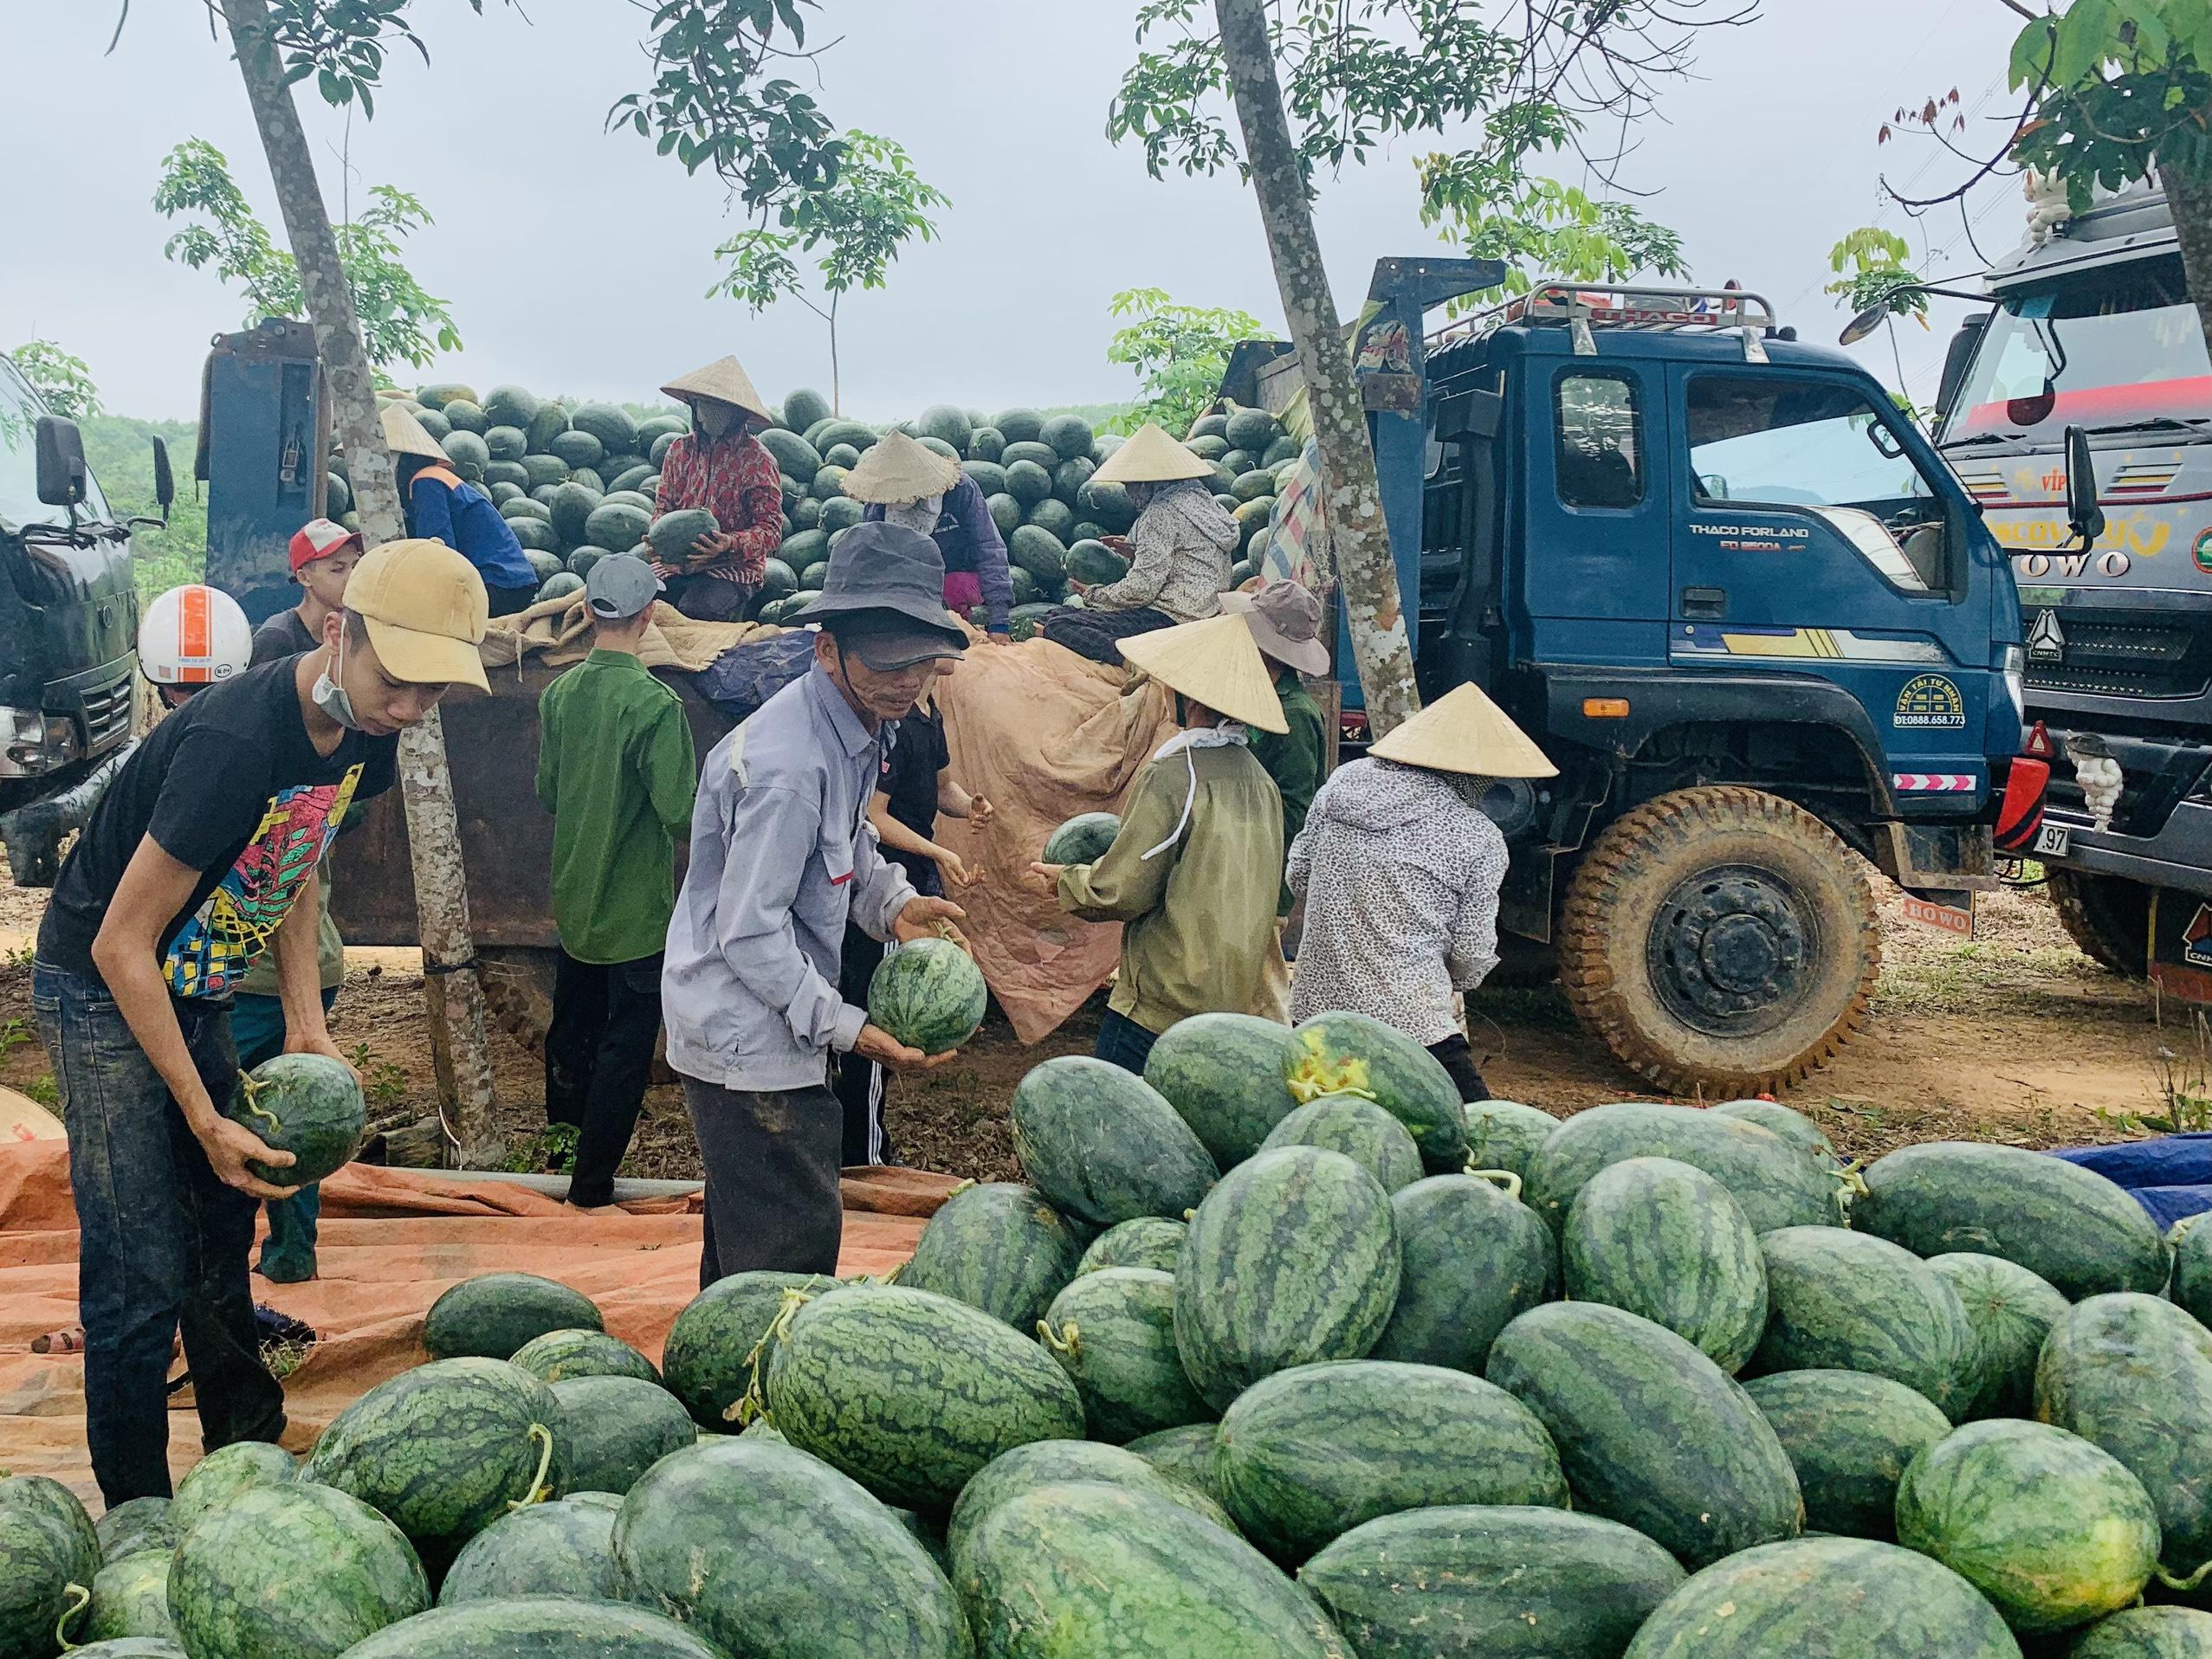 Quảng Bình: Dưa hấu cho quả to, nông dân đánh xe ô tô ra đồng thu hái - Ảnh 6.